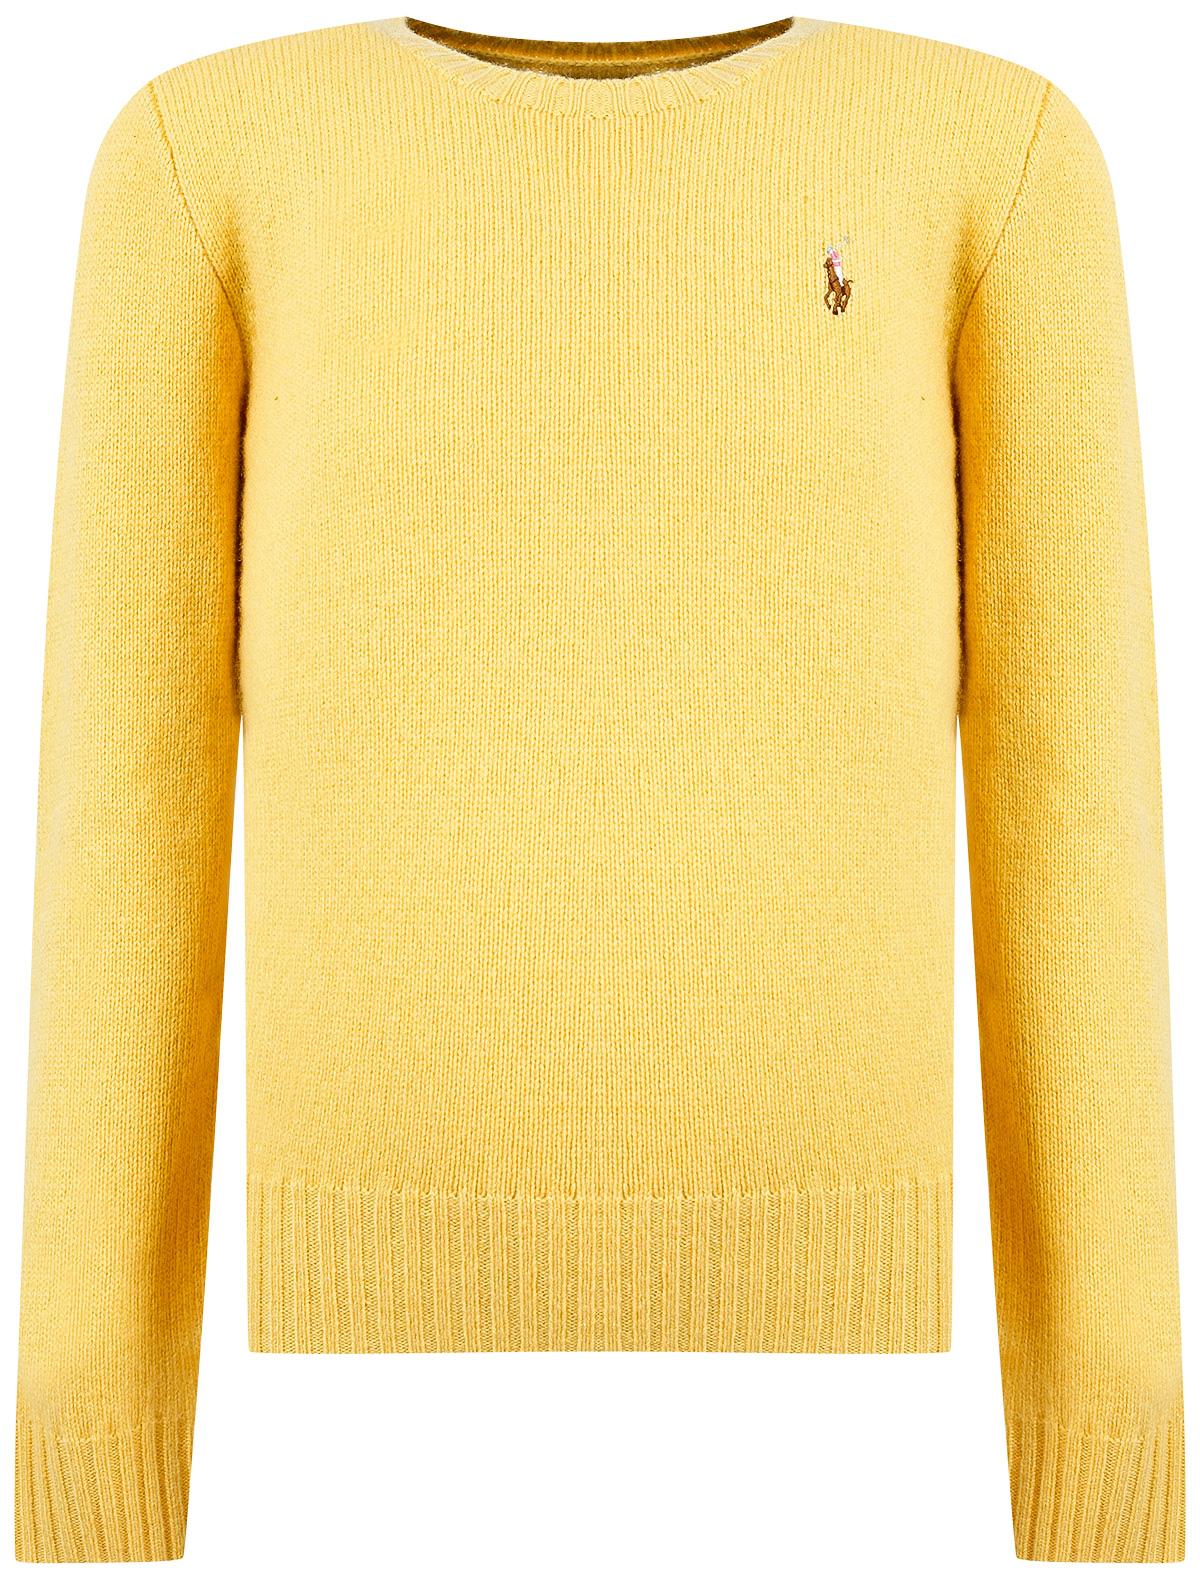 Купить 2037776, Джемпер Ralph Lauren, желтый, Женский, 1262809980702